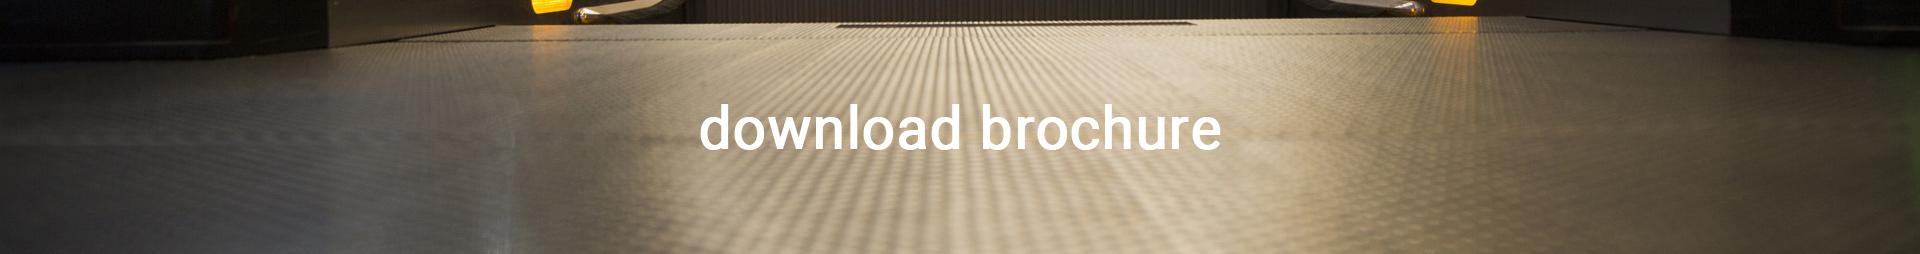 brochure-download